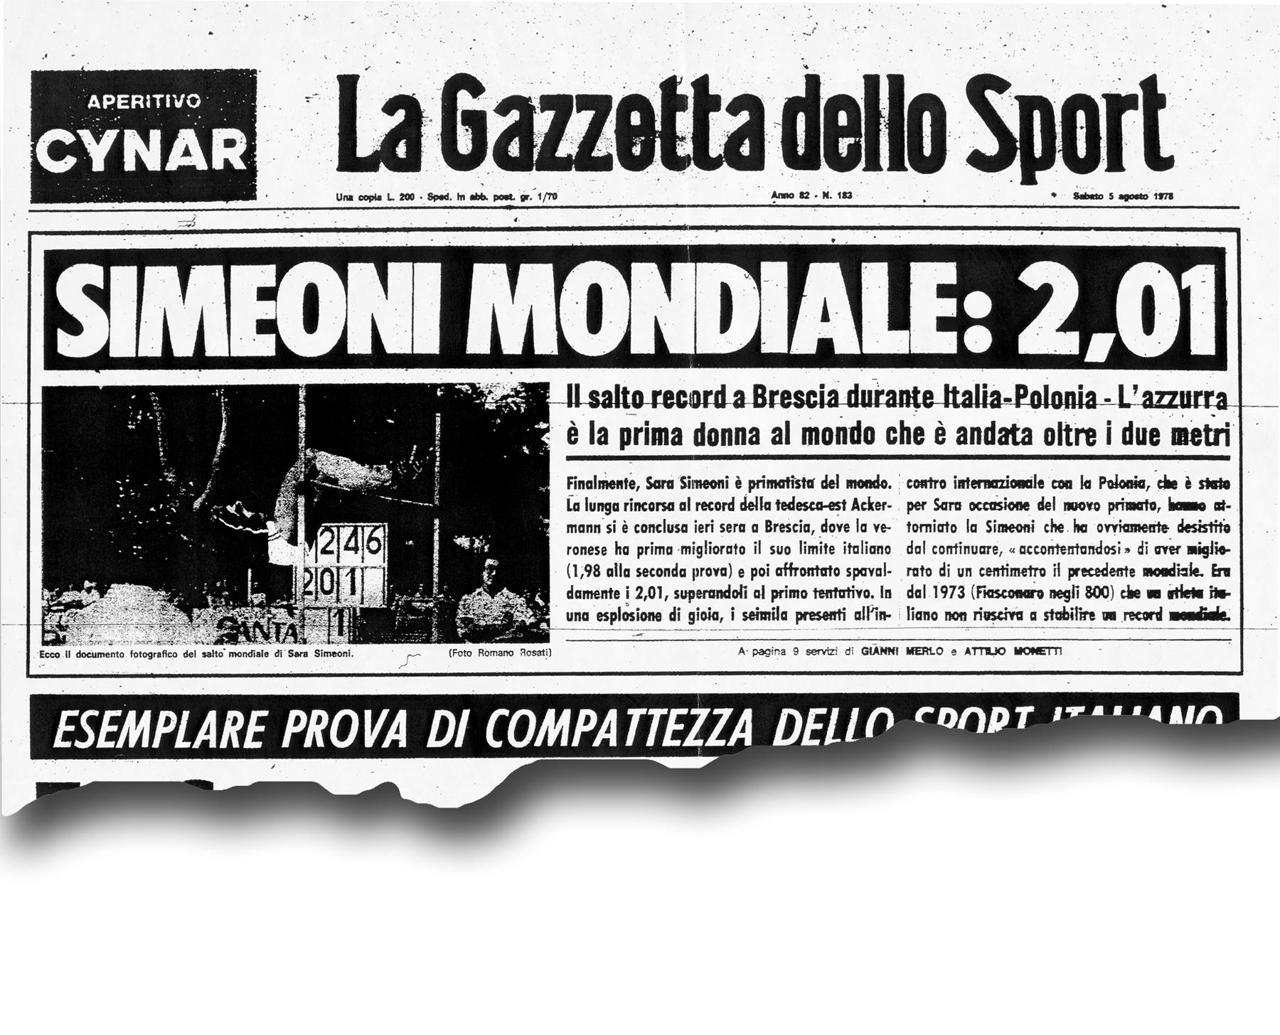 Lavorare per la Gazzetta dello Sport: Offerta Stage 2016